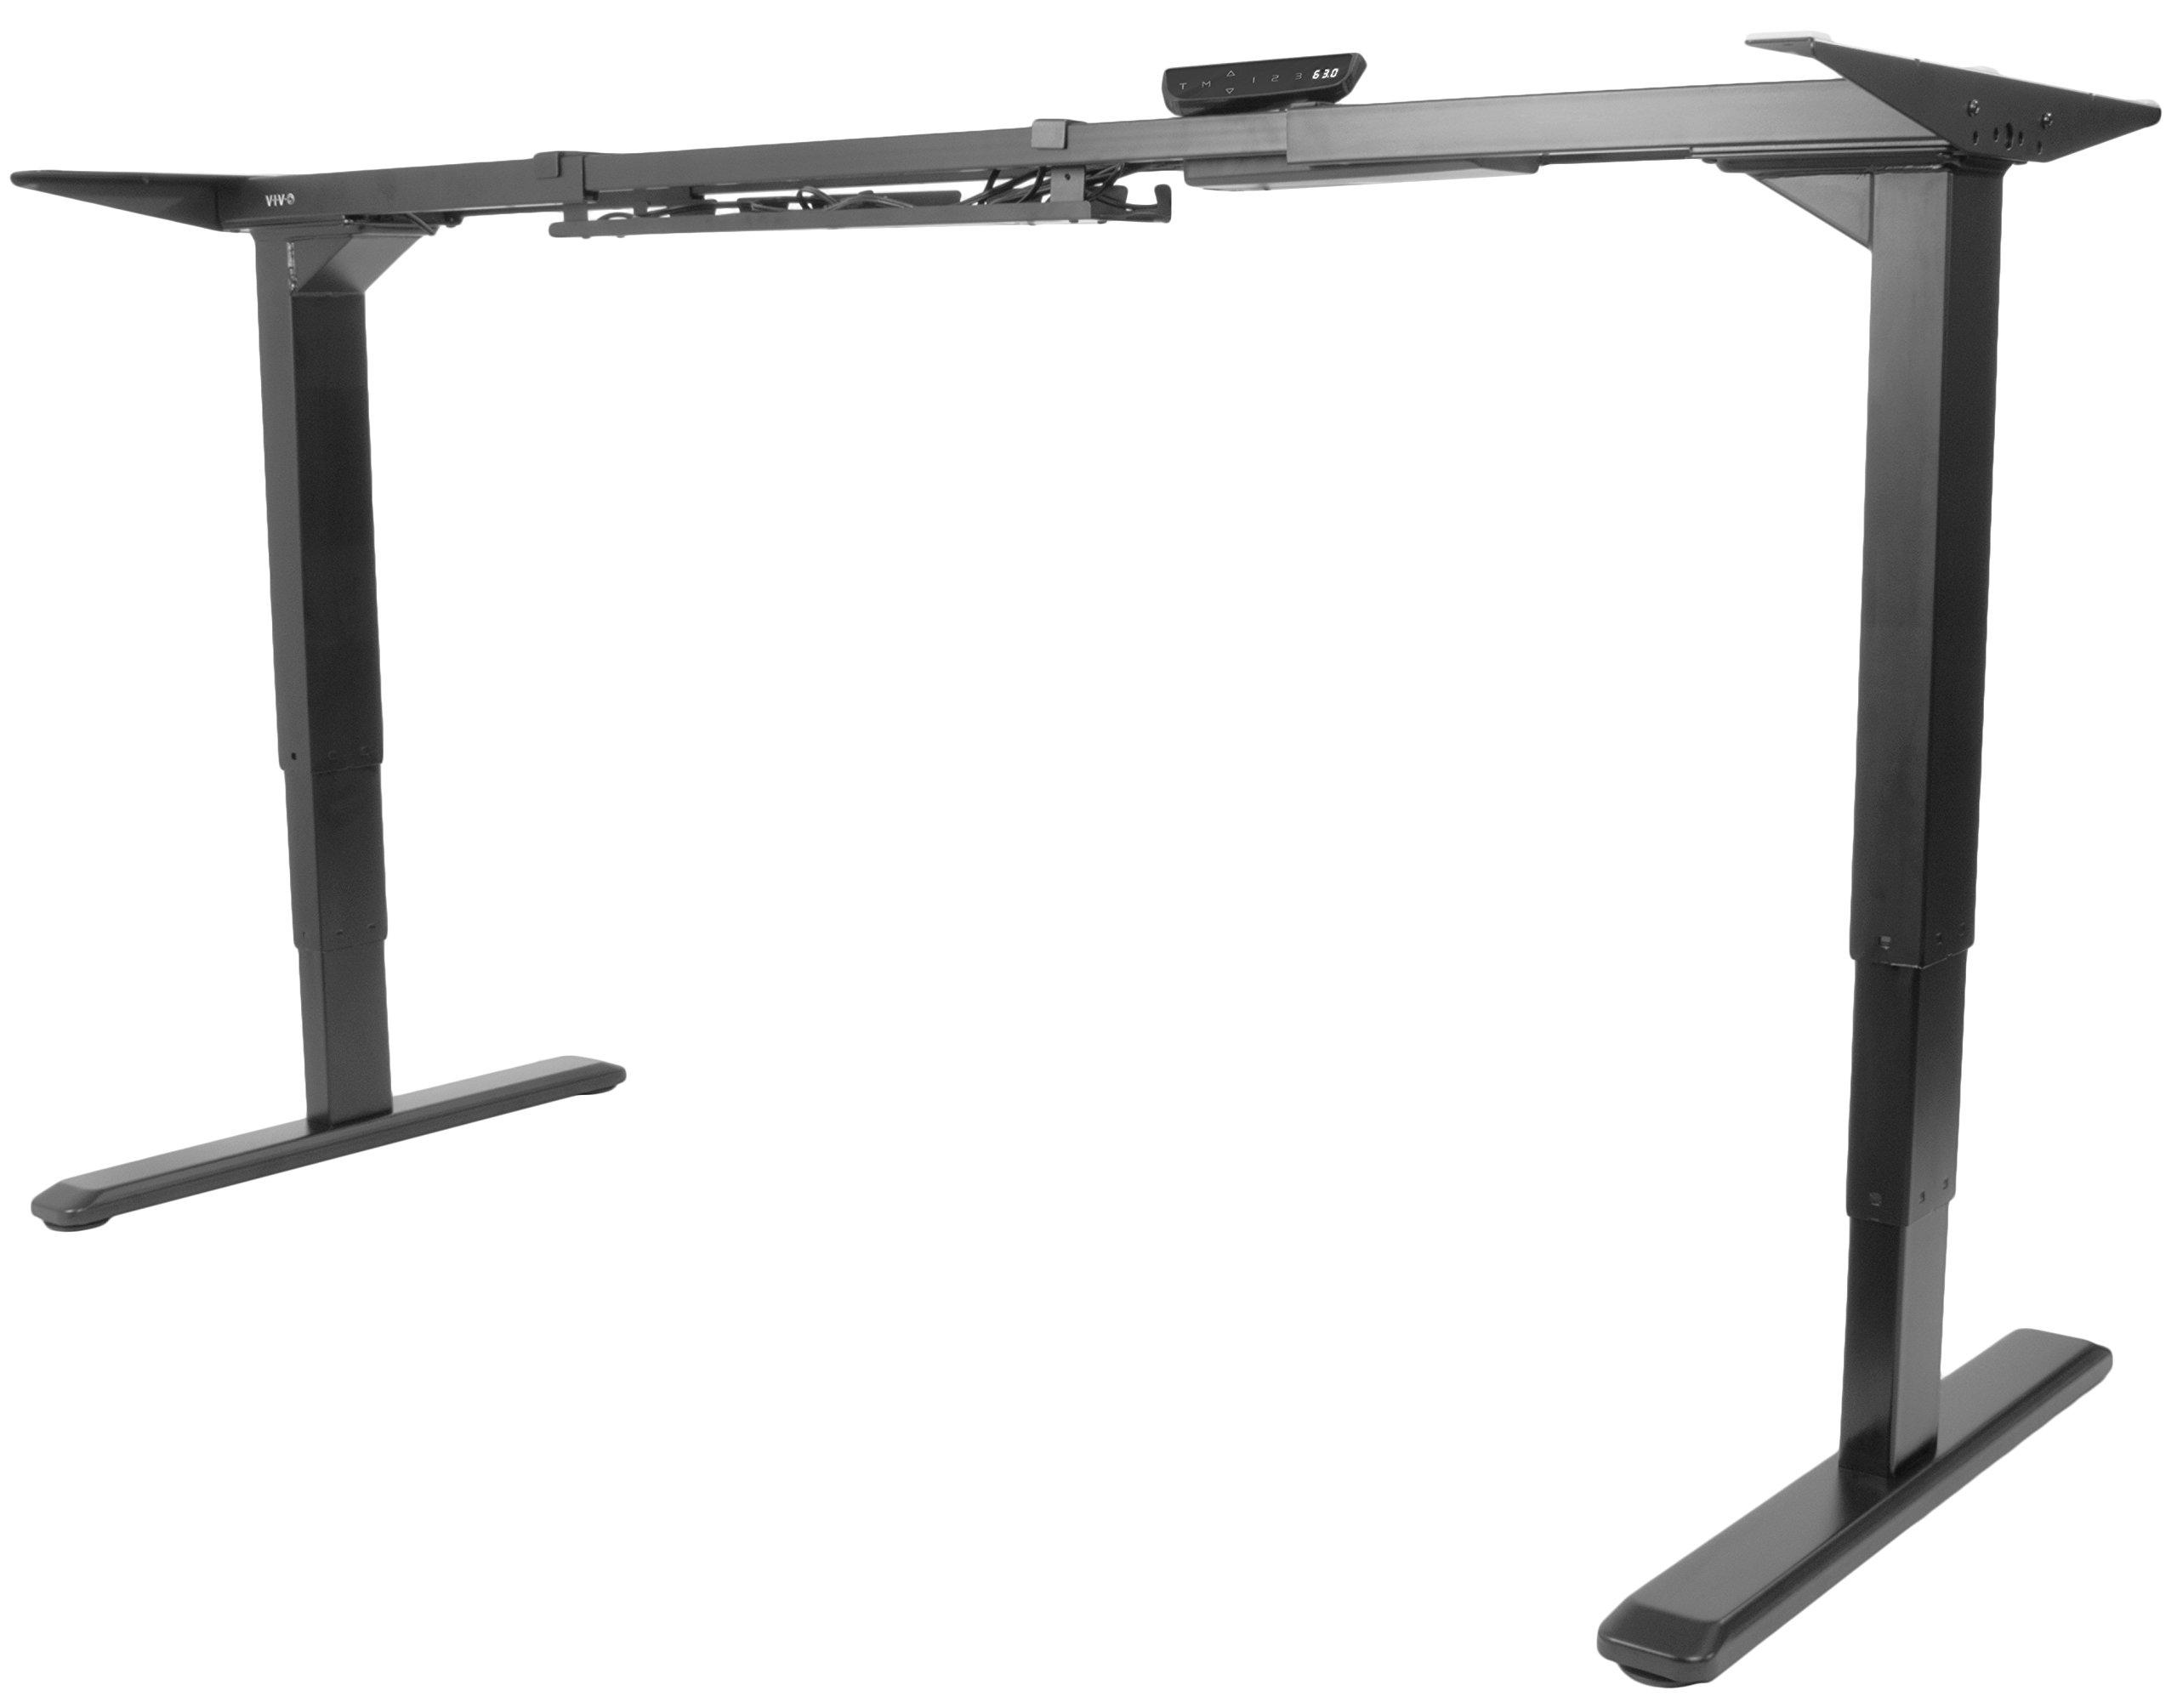 VIVO Electric Stand Up Desk Frame w/ Dual Motor and Cable Management Rack, Ergonomic Height Adjustable Standing DIY Workstation (DESK-V103E)